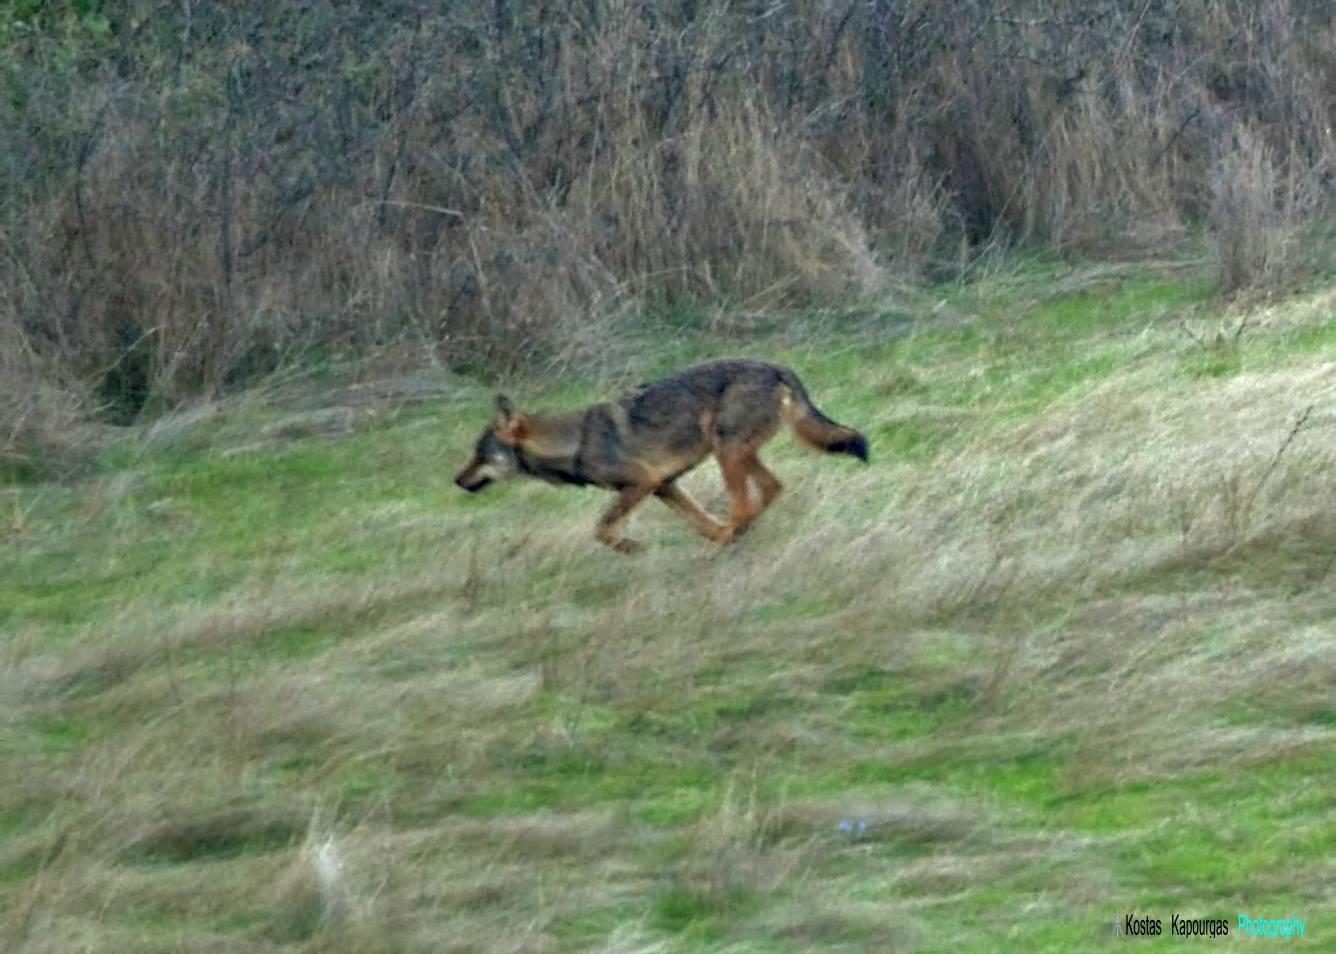 Λύκος, ὁ ἀπόλυτος κυνηγός.3